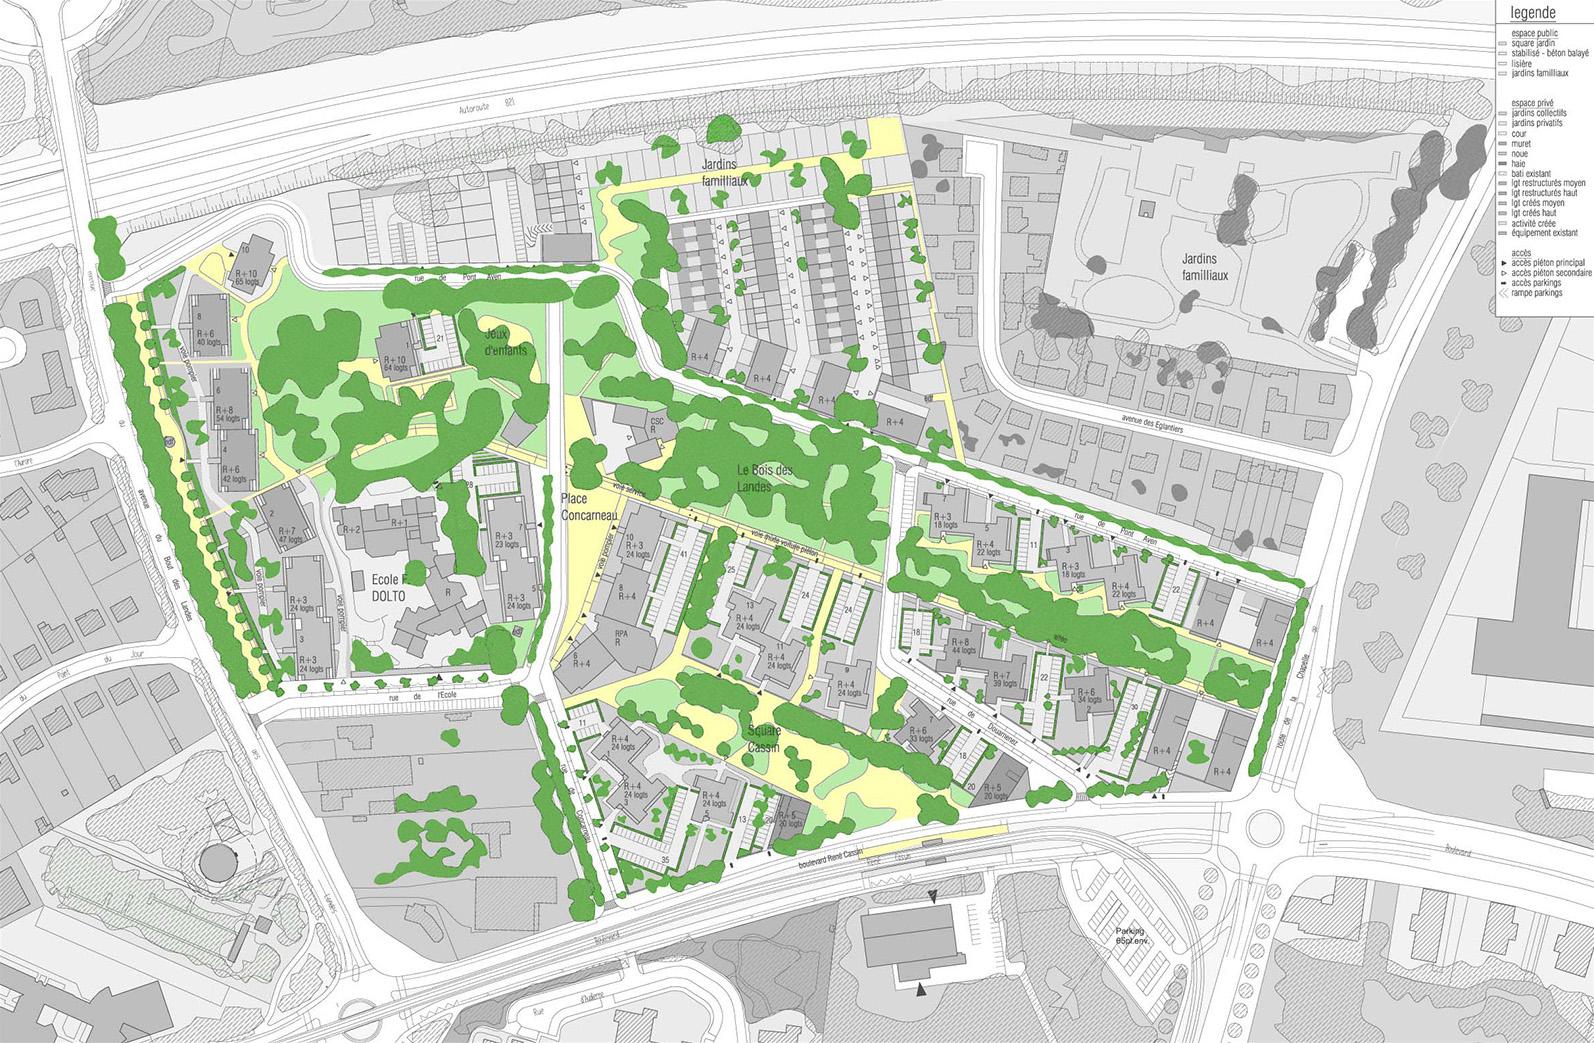 Plan d'espace public